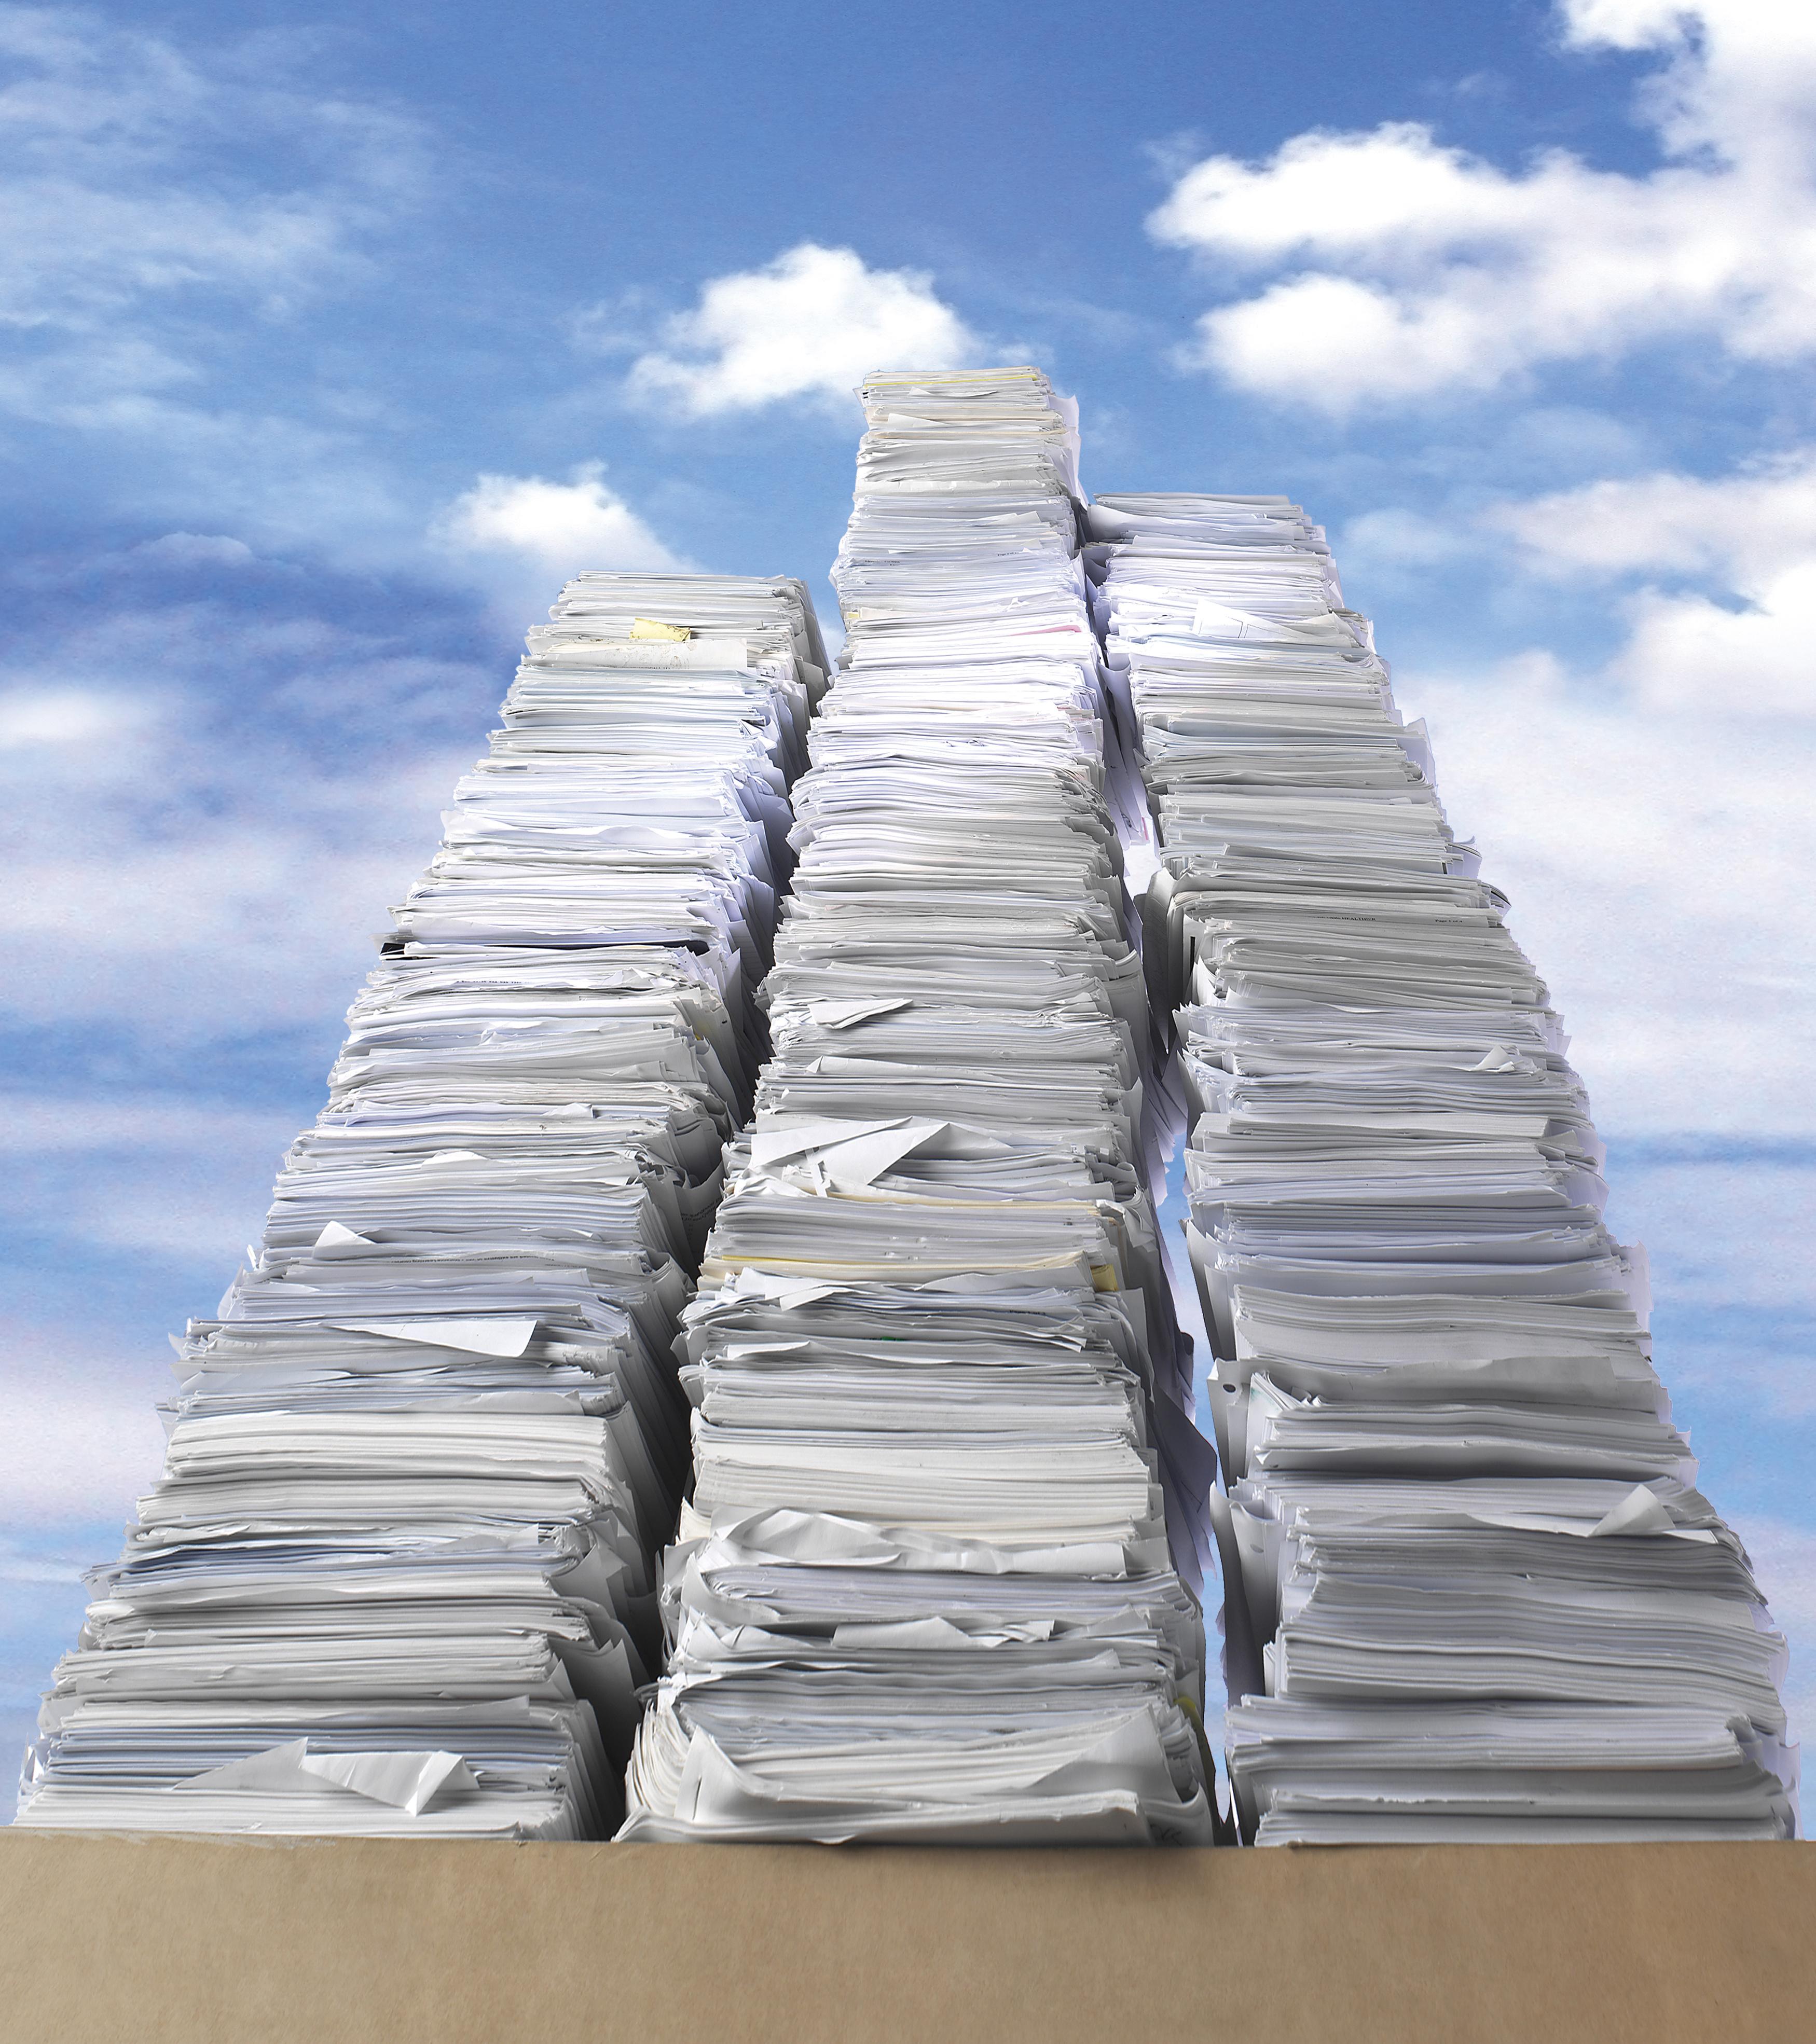 paperstacks